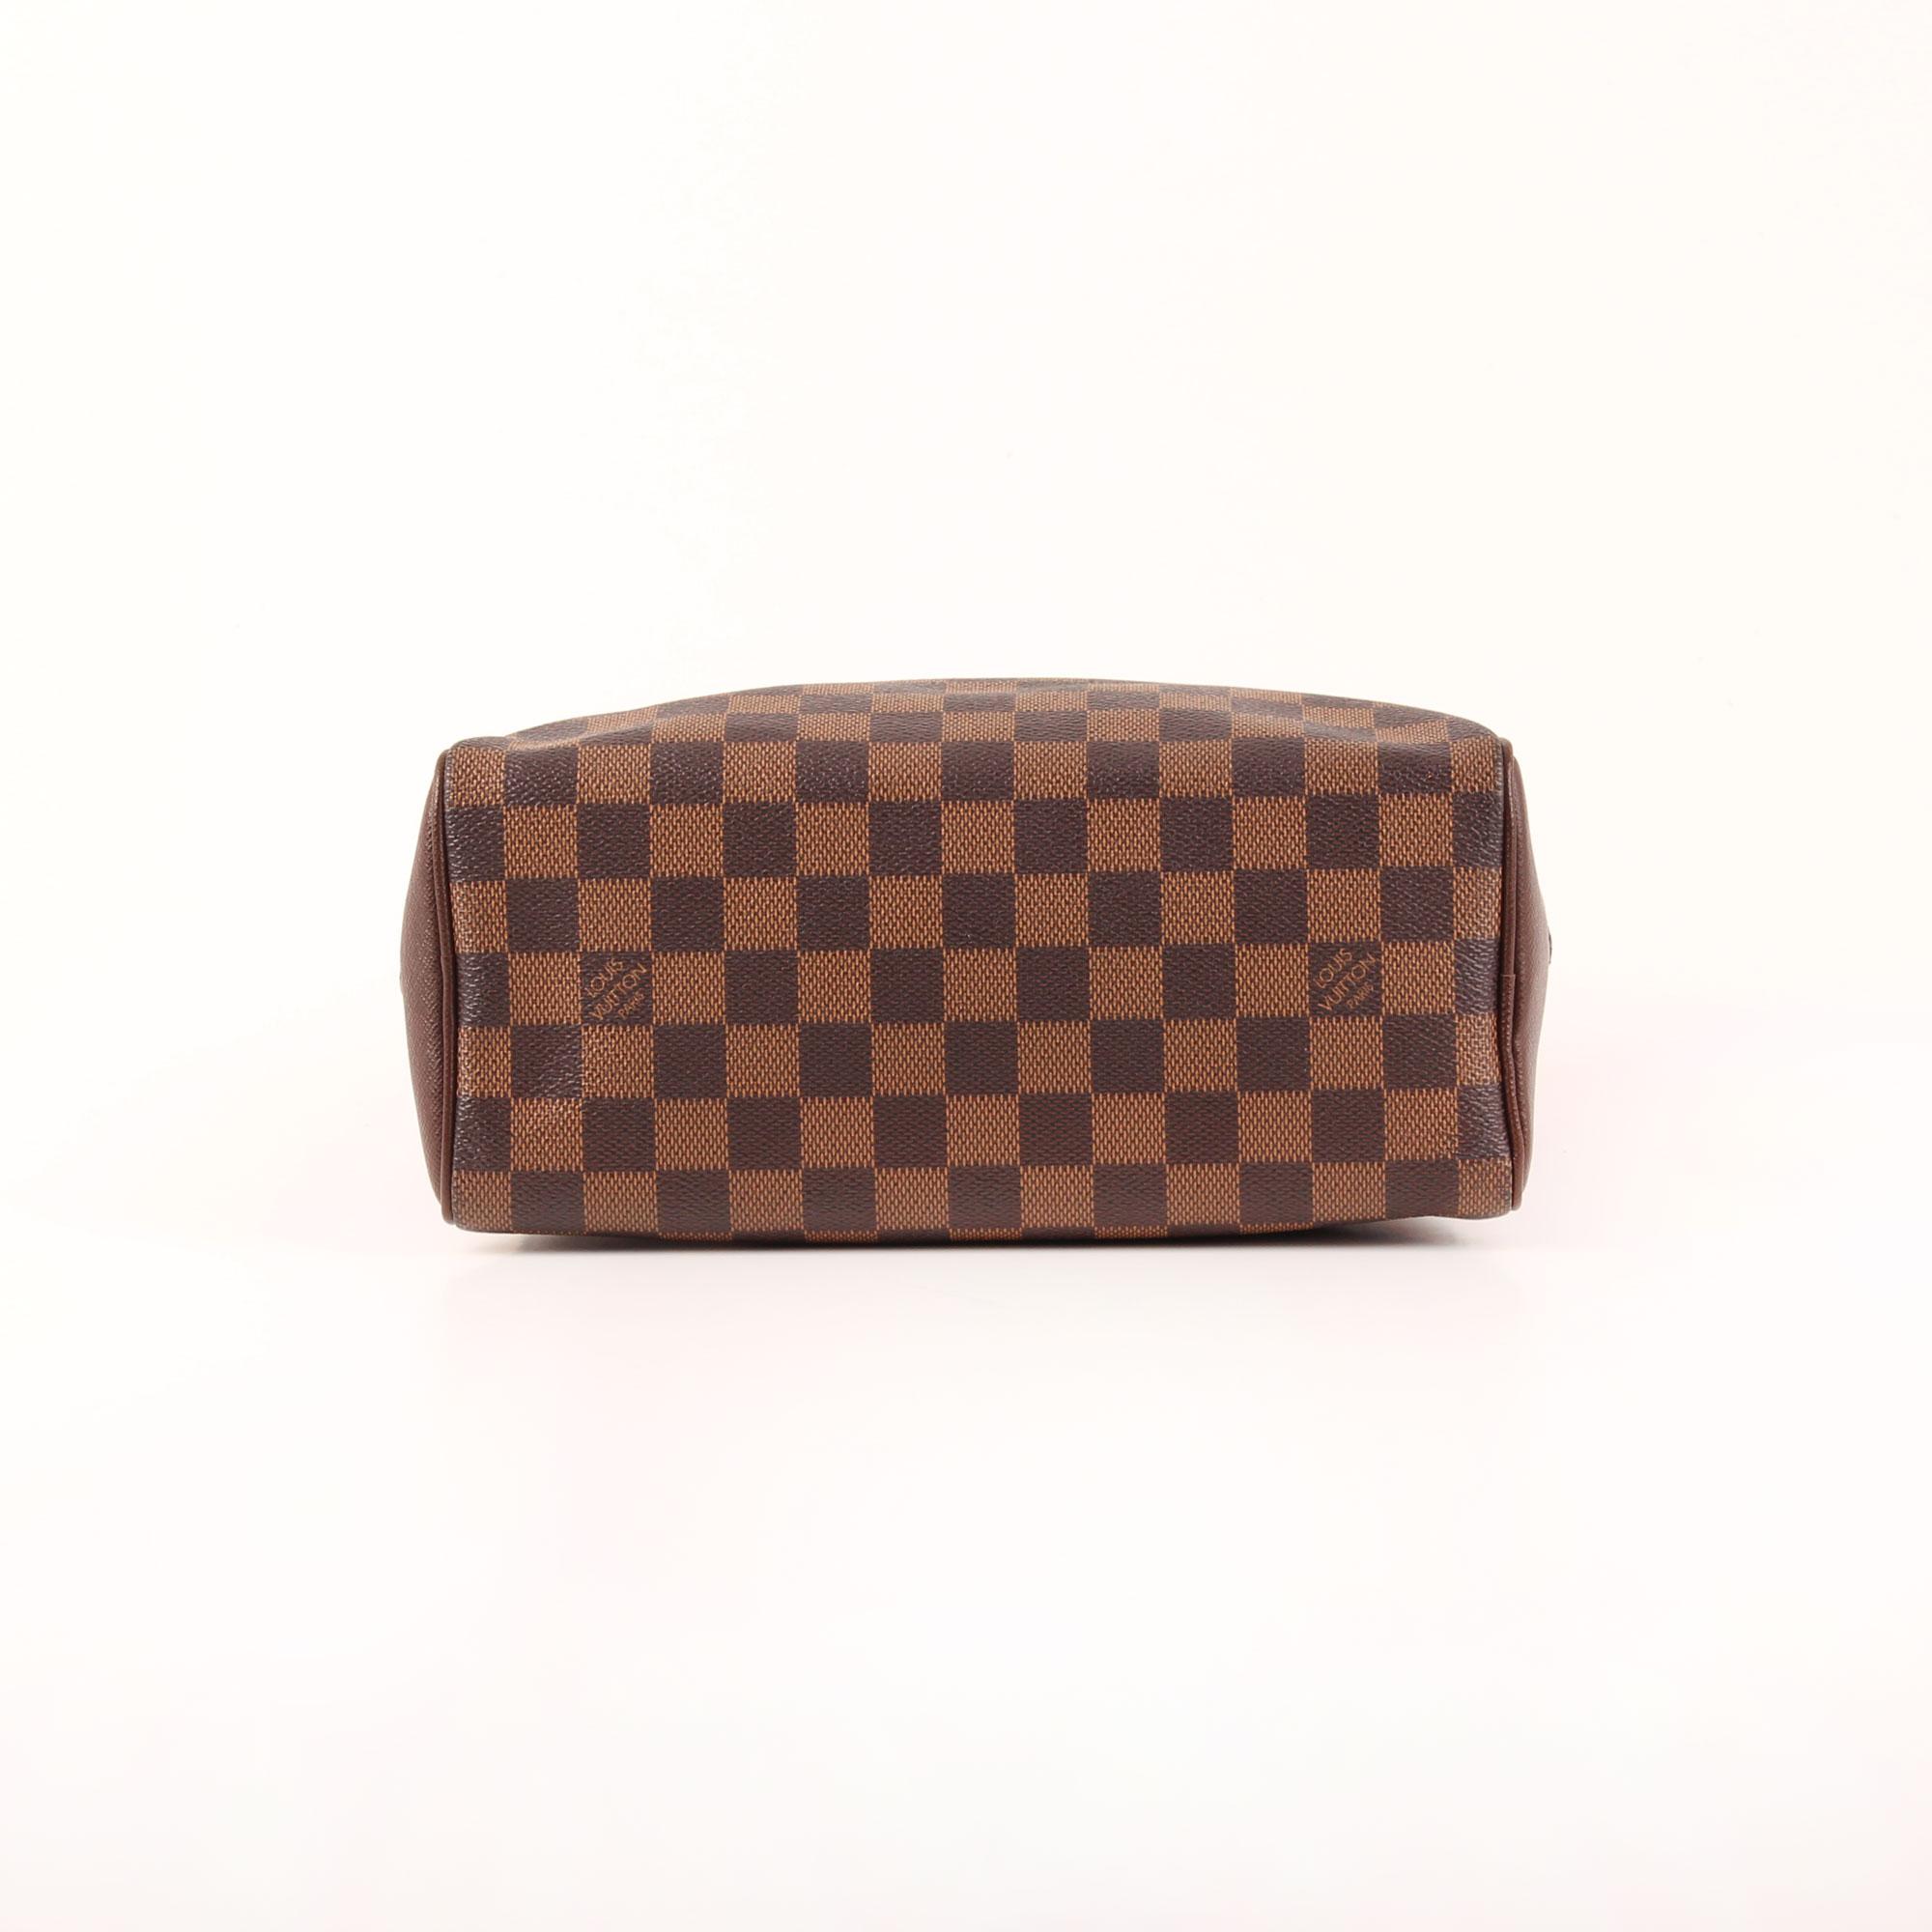 ded30cdefea7 Imagen de la base del bolso louis vuitton brera damier ébène marrón